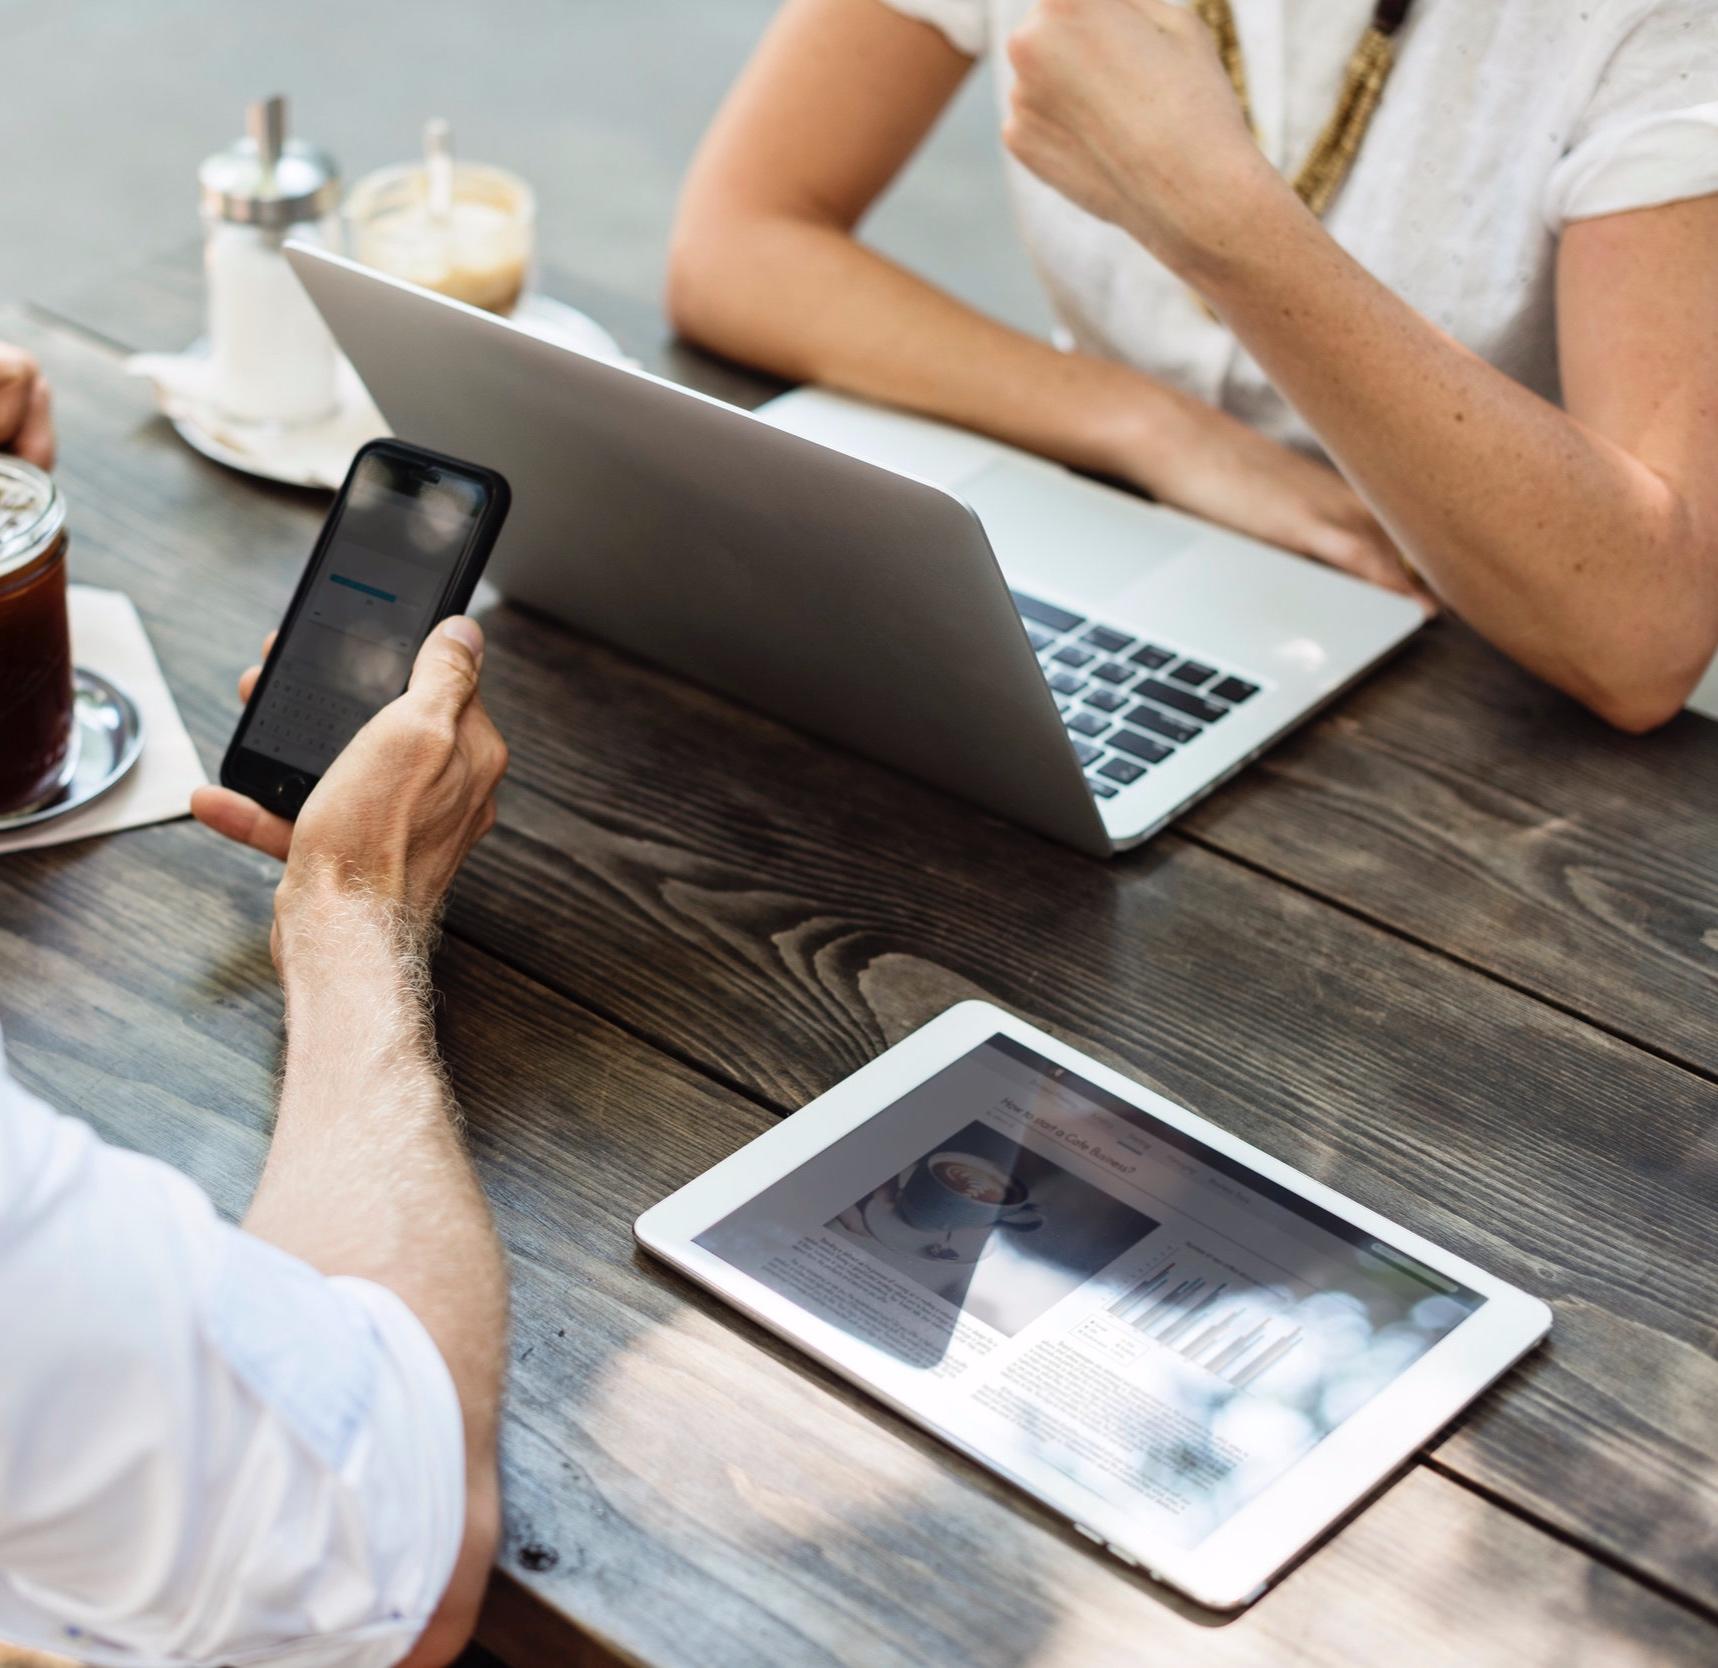 ¿Cómo funcionan? - Plataforma Online: Tu lugar virtual de aprendizajeTrainings en Vídeo: Tu entrenamiento y formación donde quieras, a tu ritmoMateriales de Trabajo en PDF: Tu guía para poner en práctica lo aprendidoClases y Coaching Online en Directo: Tu oportunidad de interactuar y hacer tus preguntas en vivoComunidad Virtual: Tu oportunidad de conocer y compartir con tus compañeros de Programa